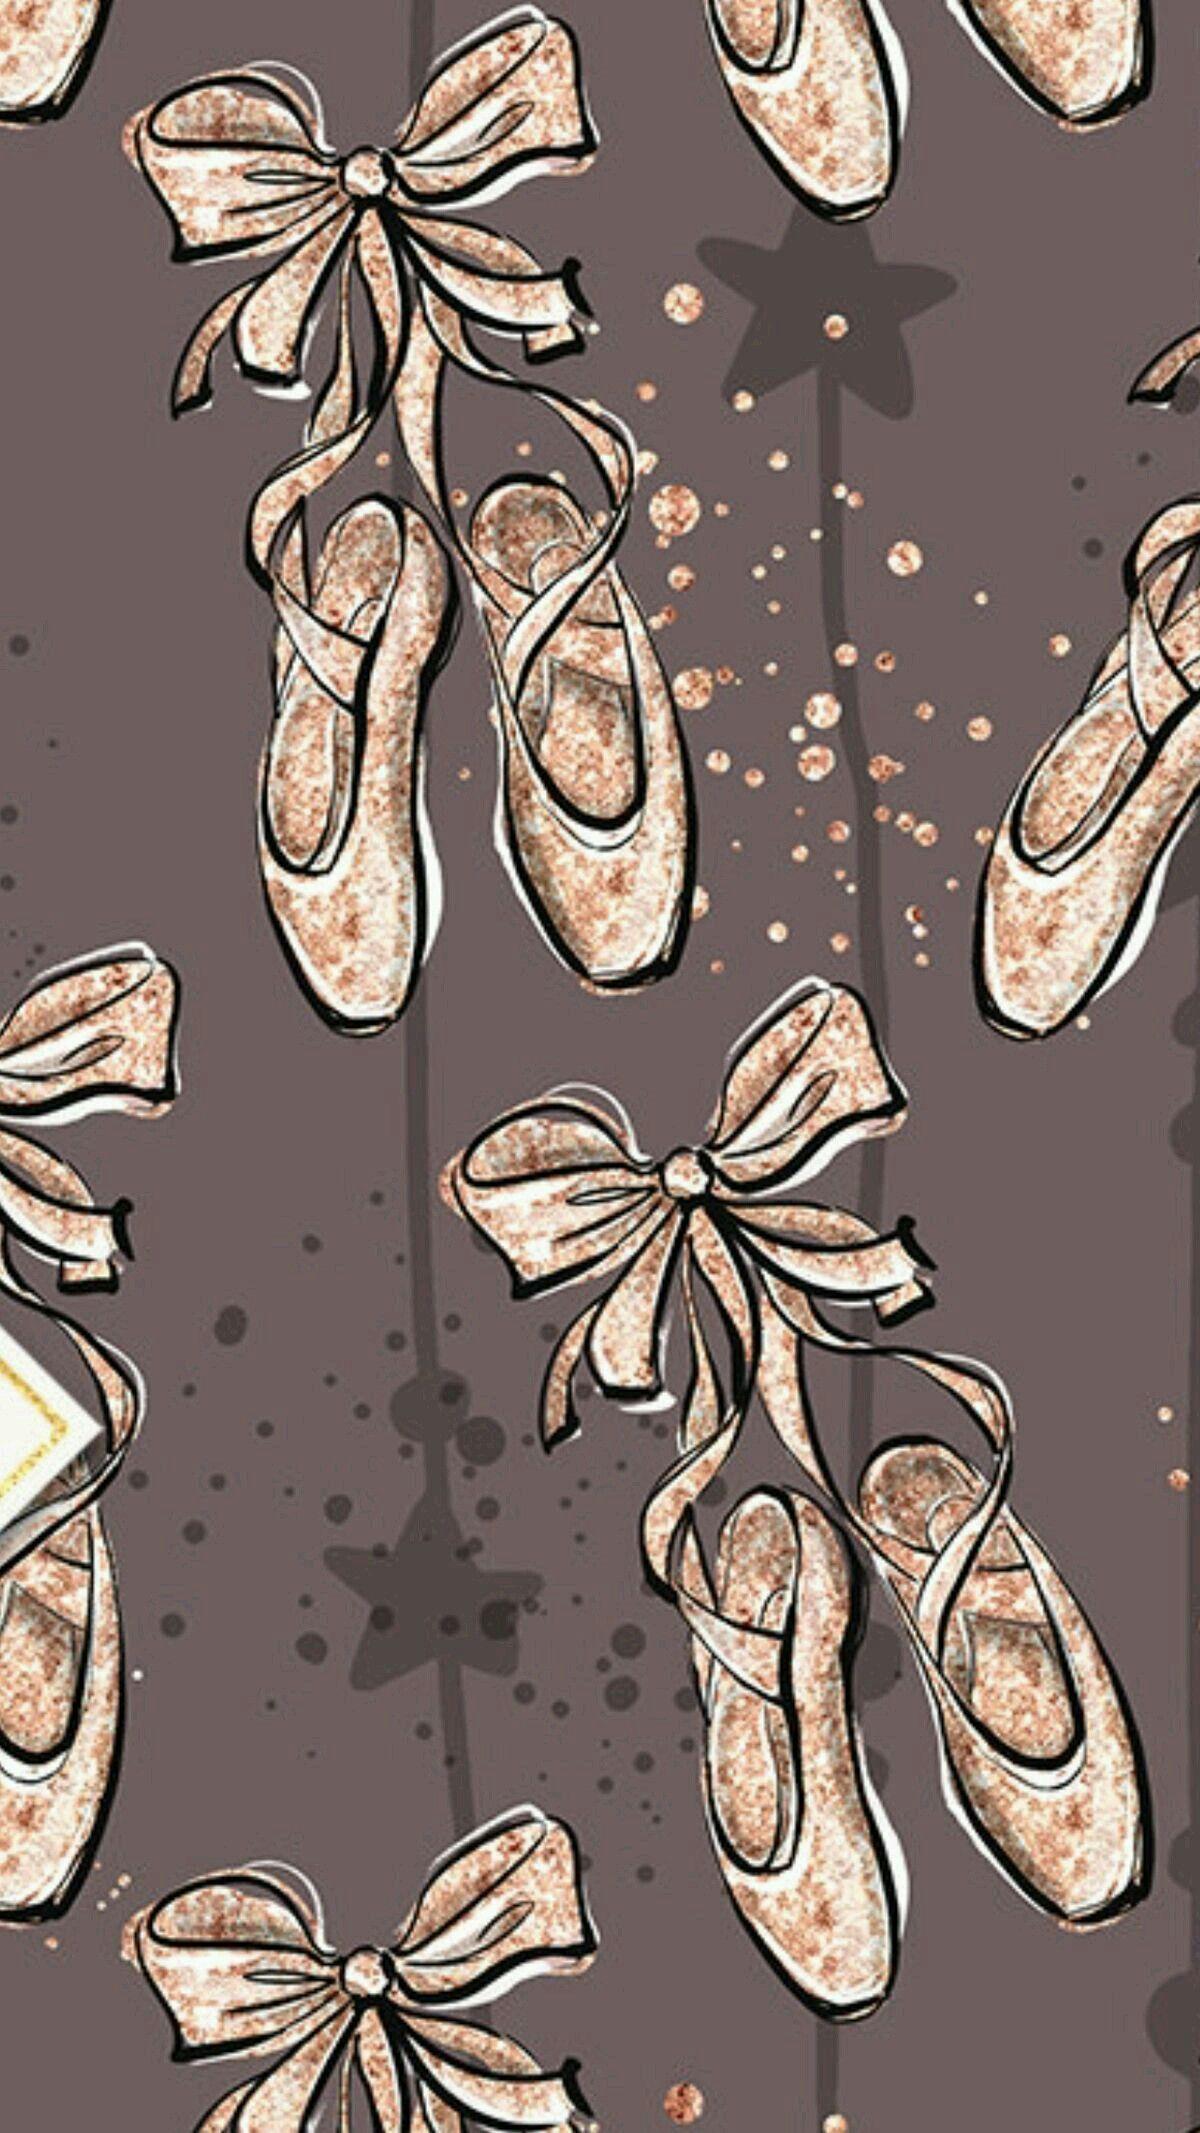 Pin De Zainab Ghouri En Wallpapers Fondos De Pantalla Ballet Dibujos Fondo De Pantalla Iphone Disney